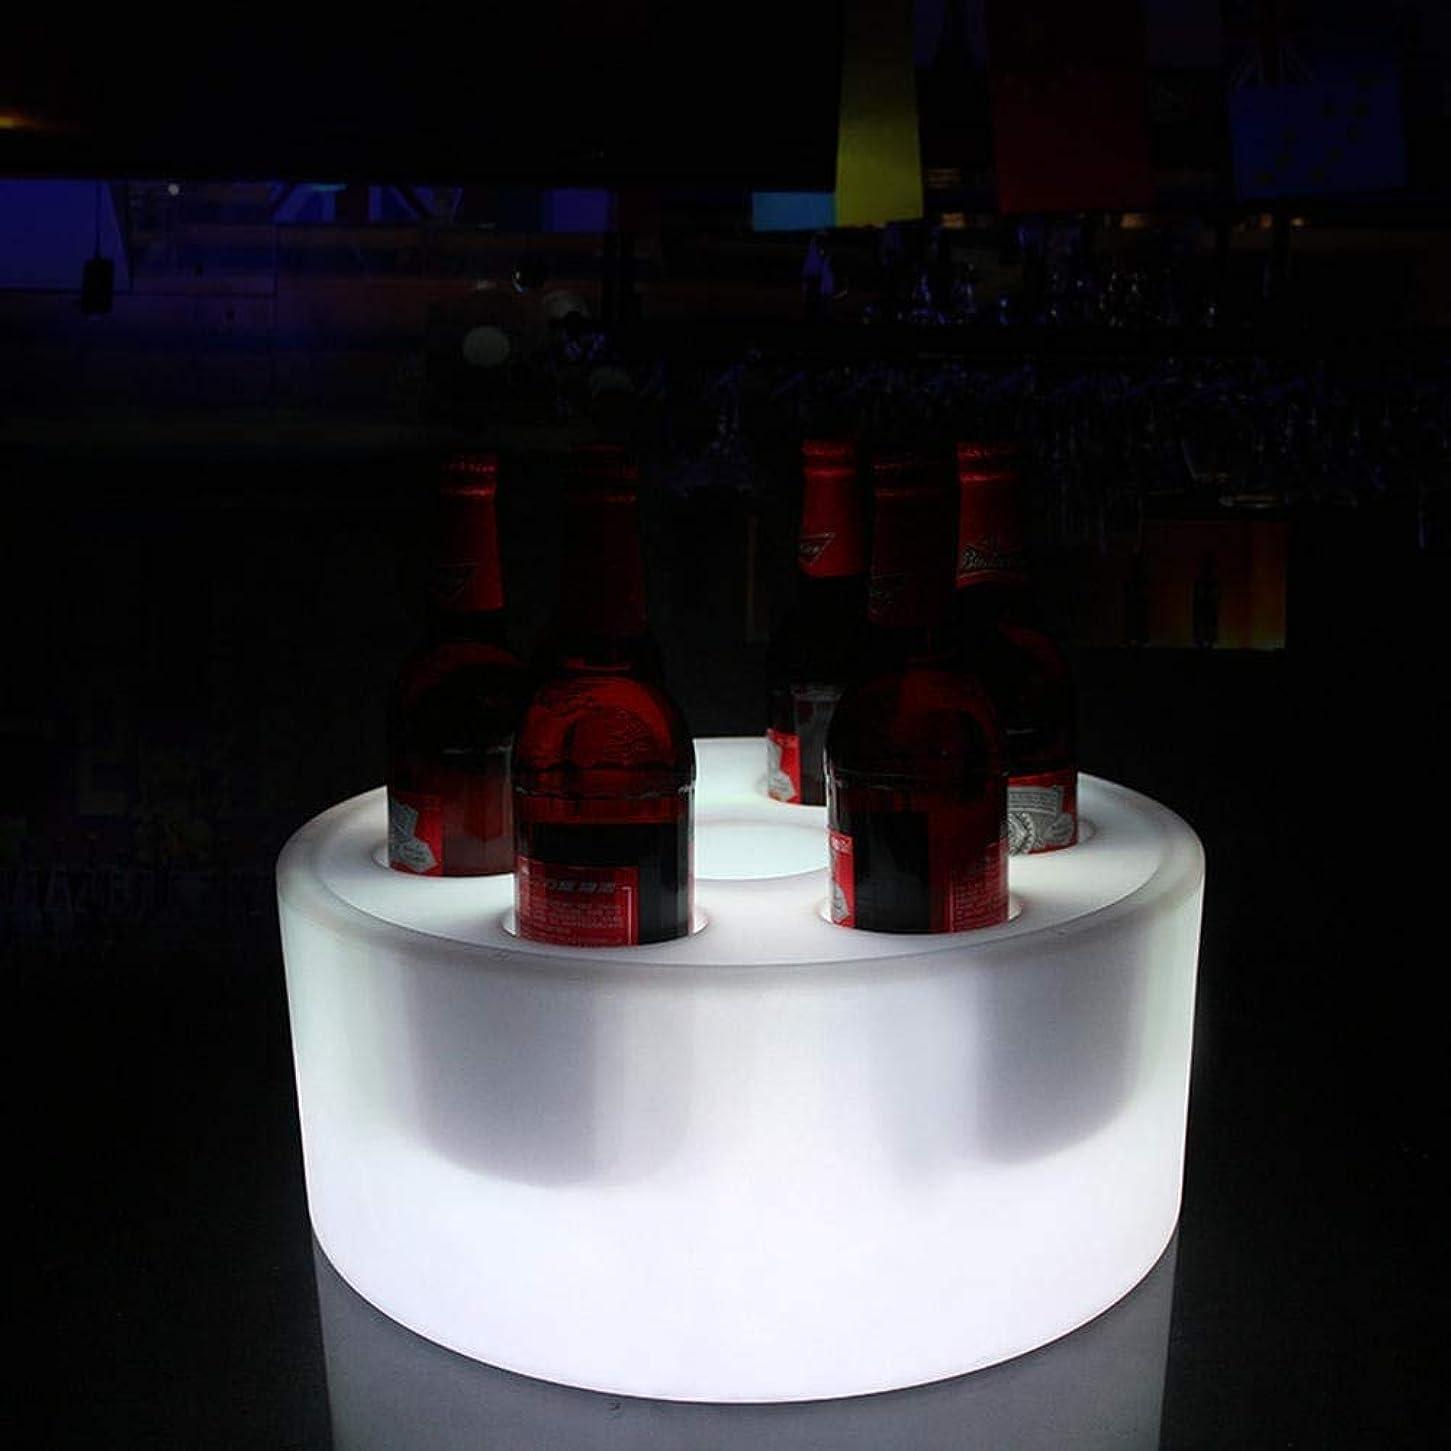 累計わかる鳴らすアイスペール ,LEDカラー変更シャンパンクーラー Ledアイスバケツバー用品ledライト円形穴7カクテルワインバケツシャンパンバケツワインクーラーボトルクーラーボトルチラードリンクパーティー用浴槽付きヴィンテージ用 (Color : 7 bottles)